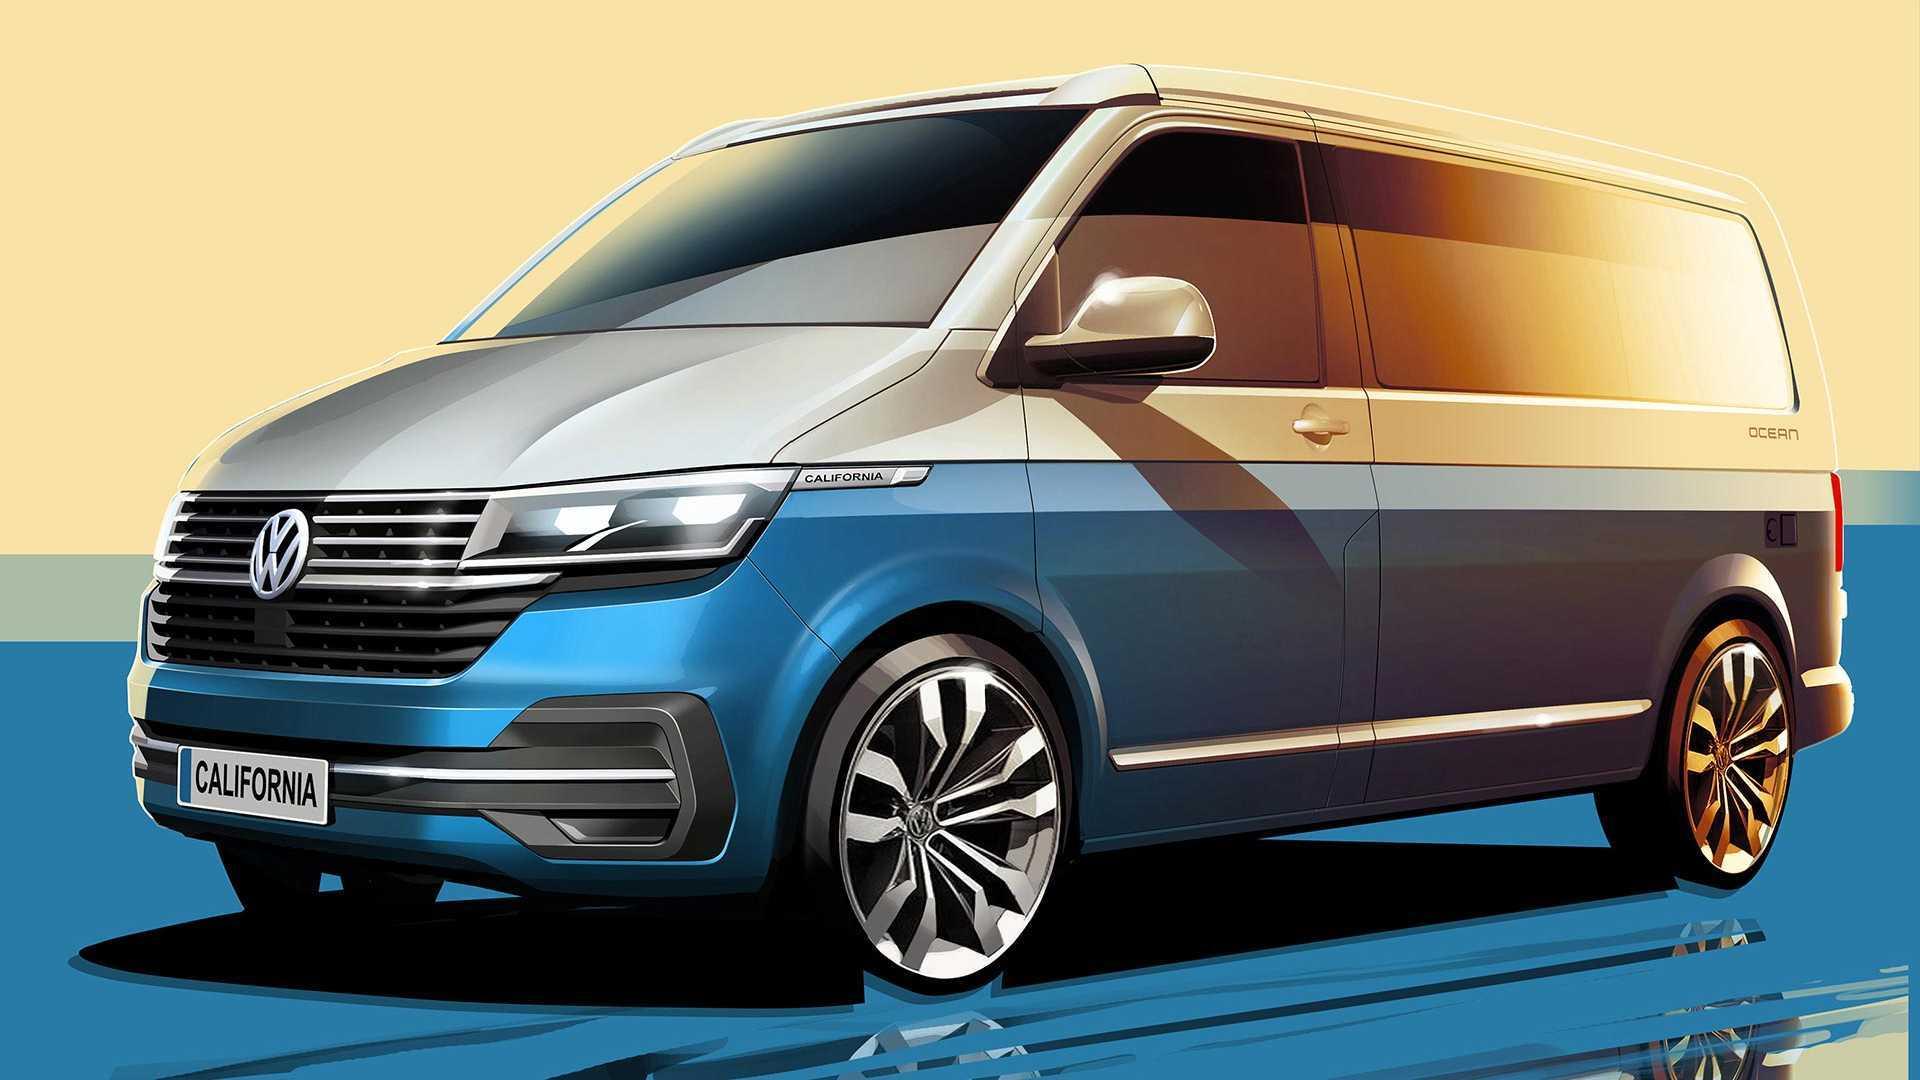 VW Transporter Каліфорнія 6.1 Camper teased з багато більше техніки